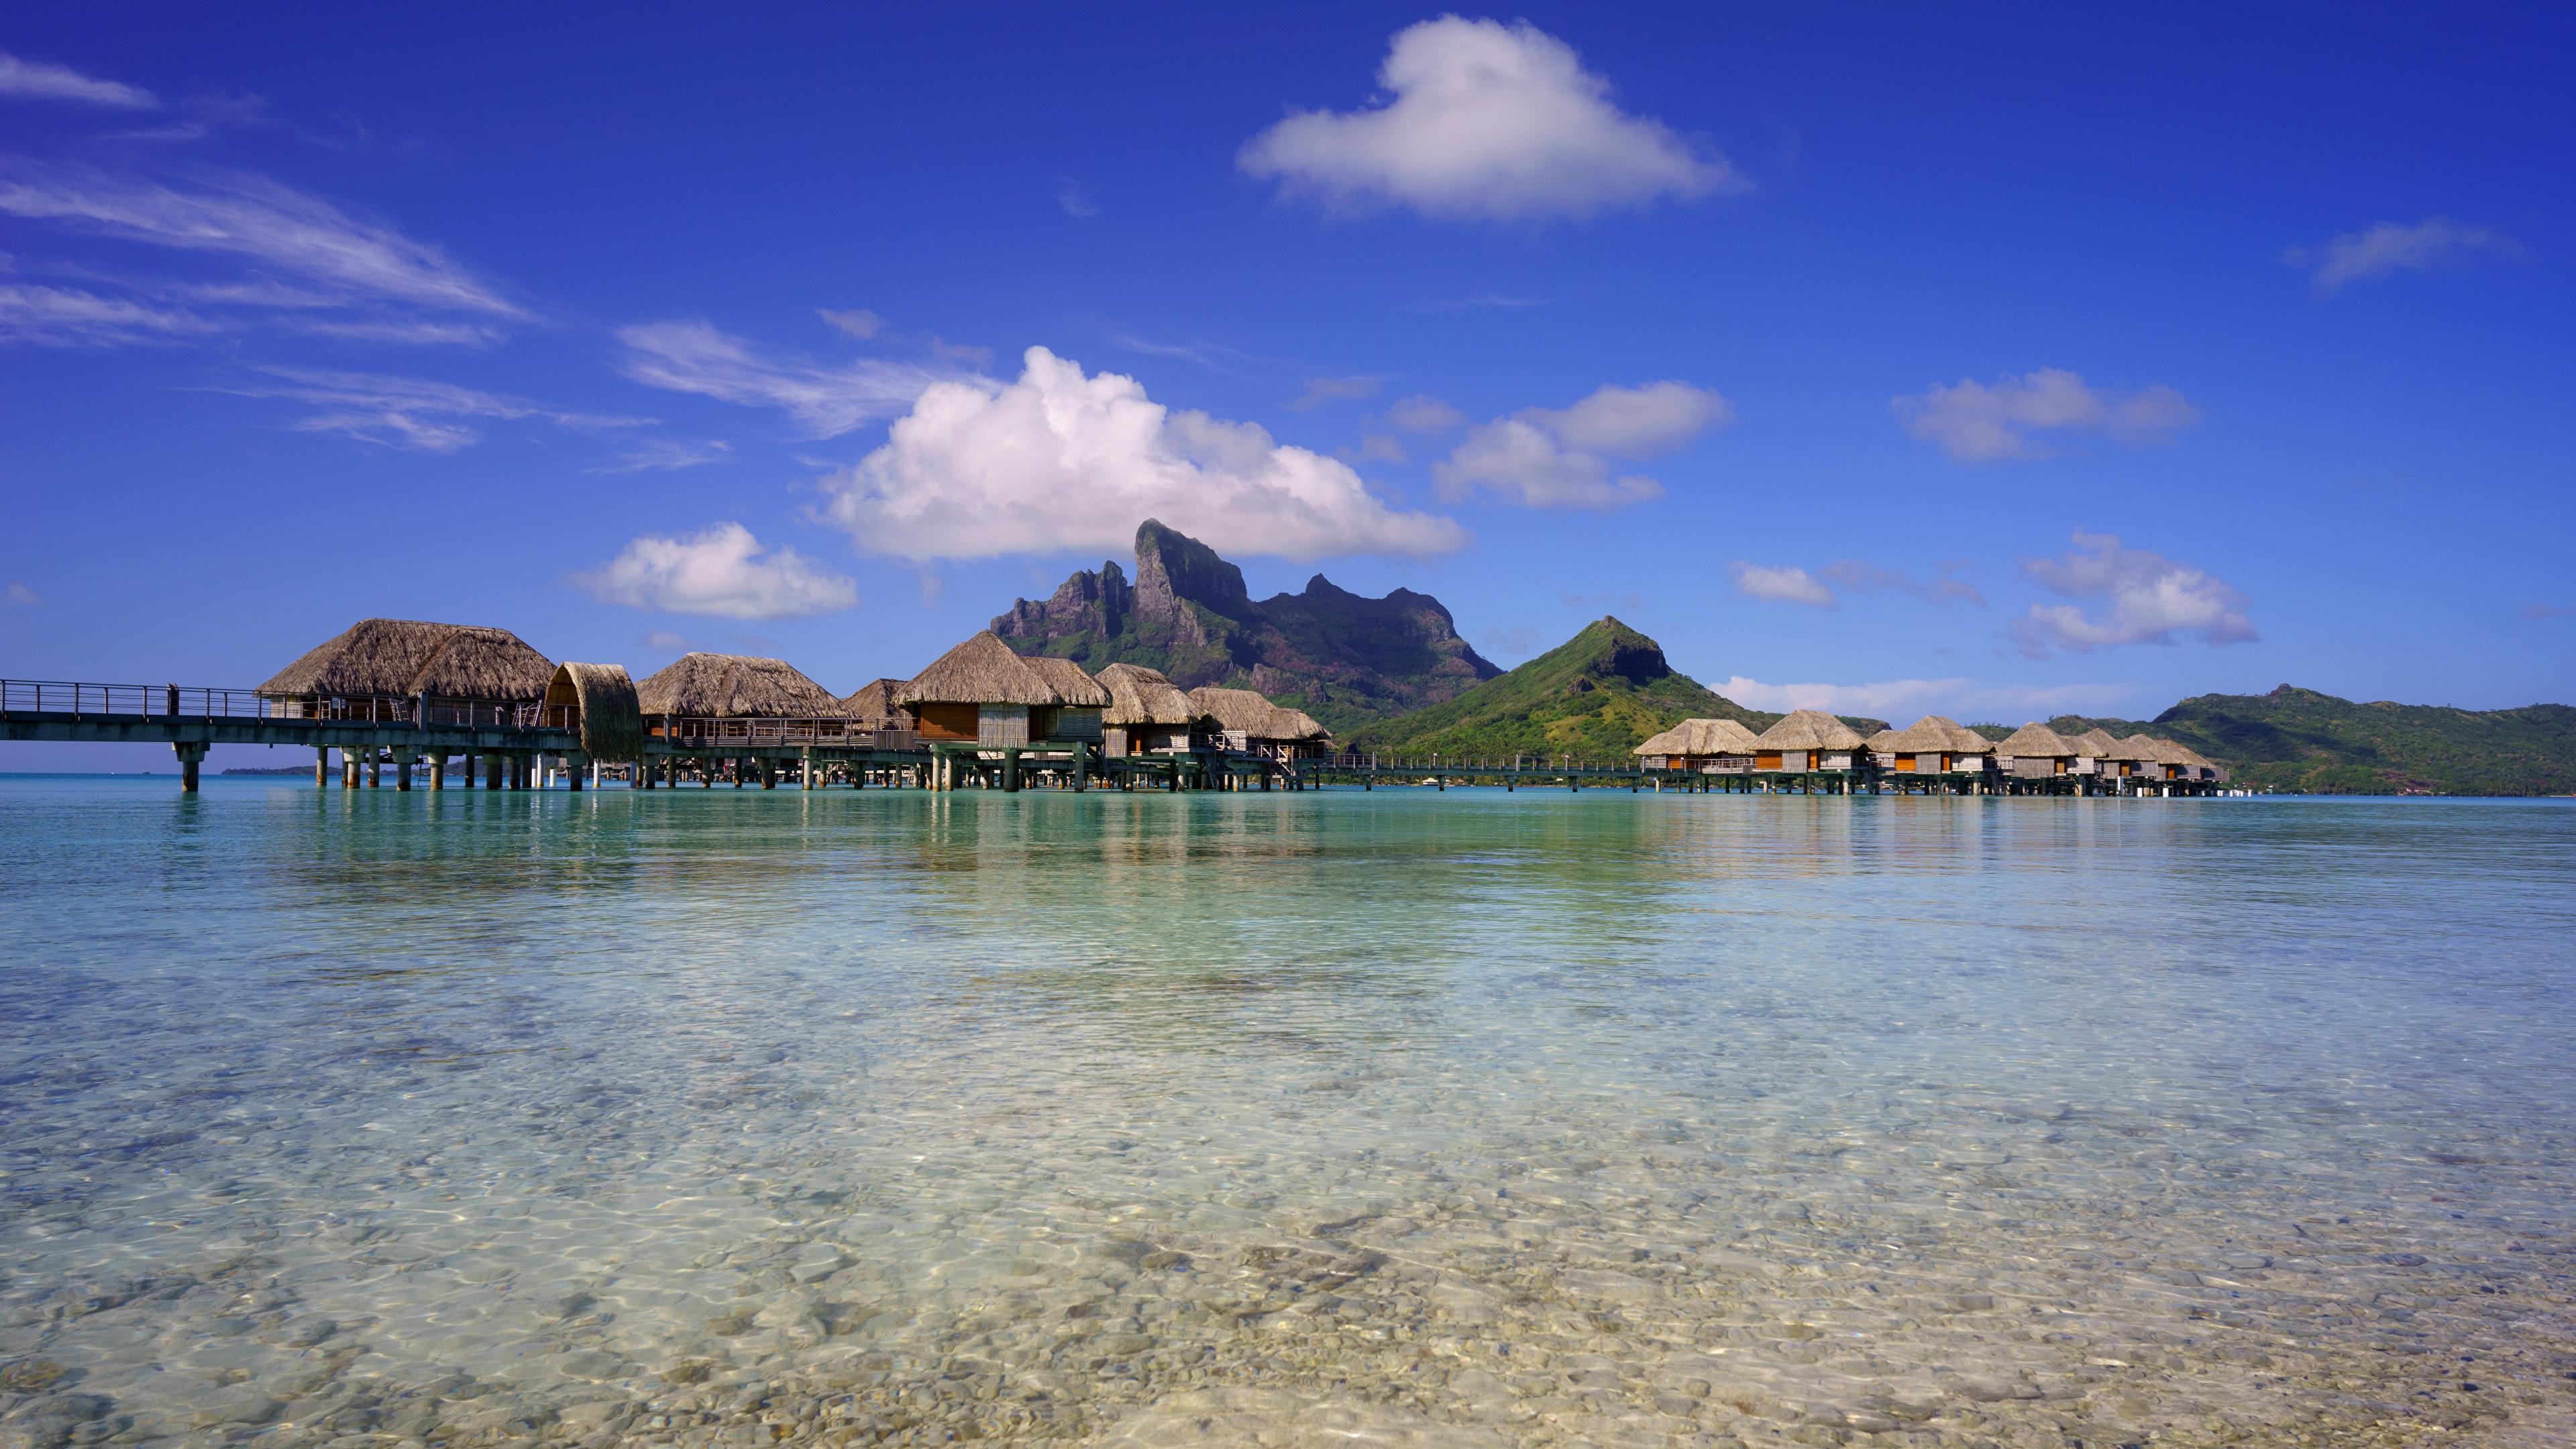 3840x2160、フランス領ポリネシア、熱帯、海、風景写真、山、空、ボラボラ島、バンガロー、自然、